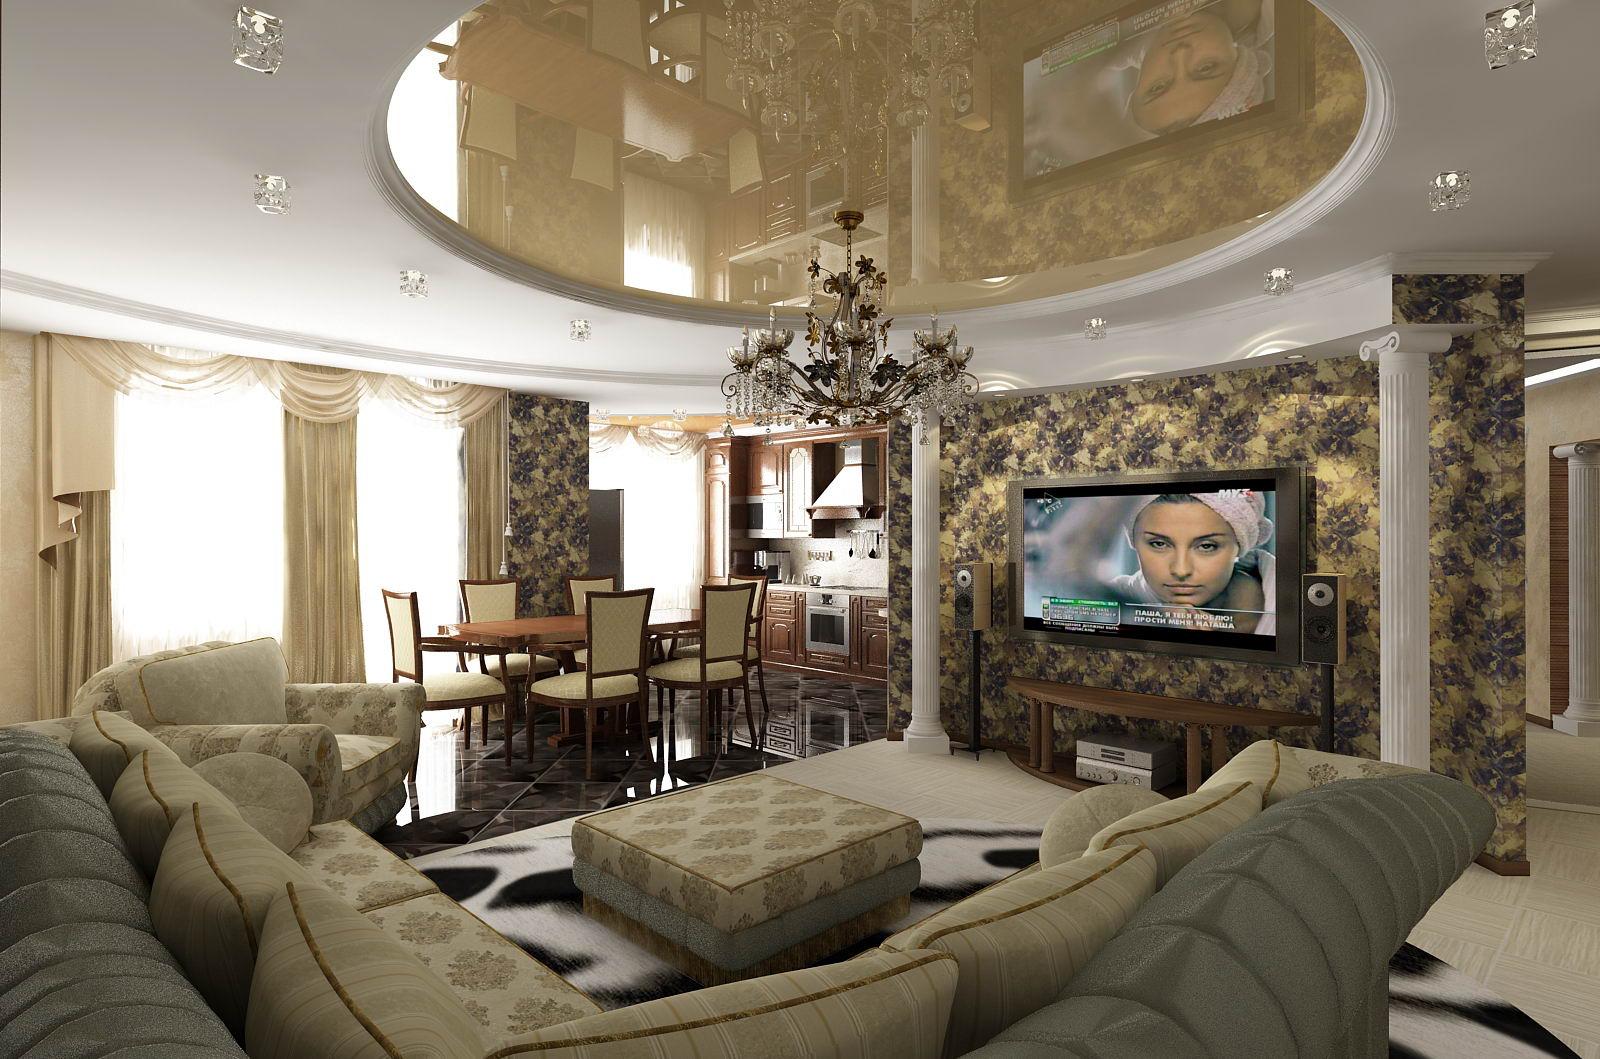 Стильный дизайн интерьера зала в квартире